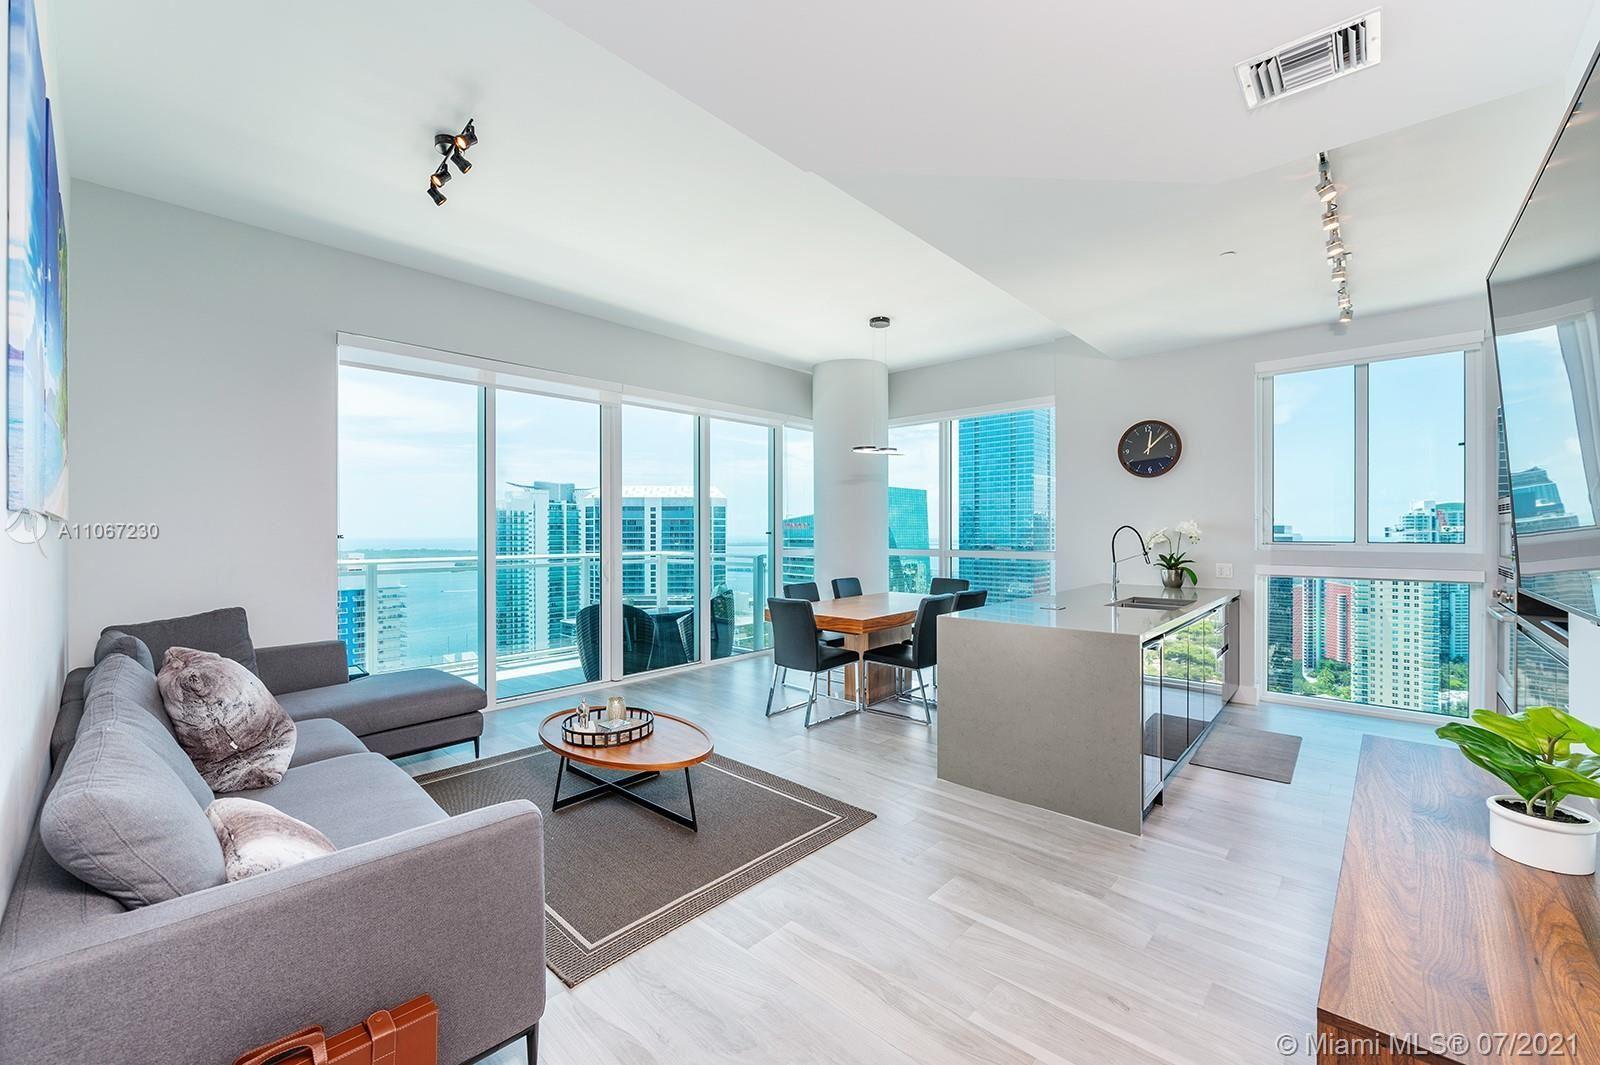 1080 Brickell Ave #4200, Miami, FL 33131 - #: A11067230